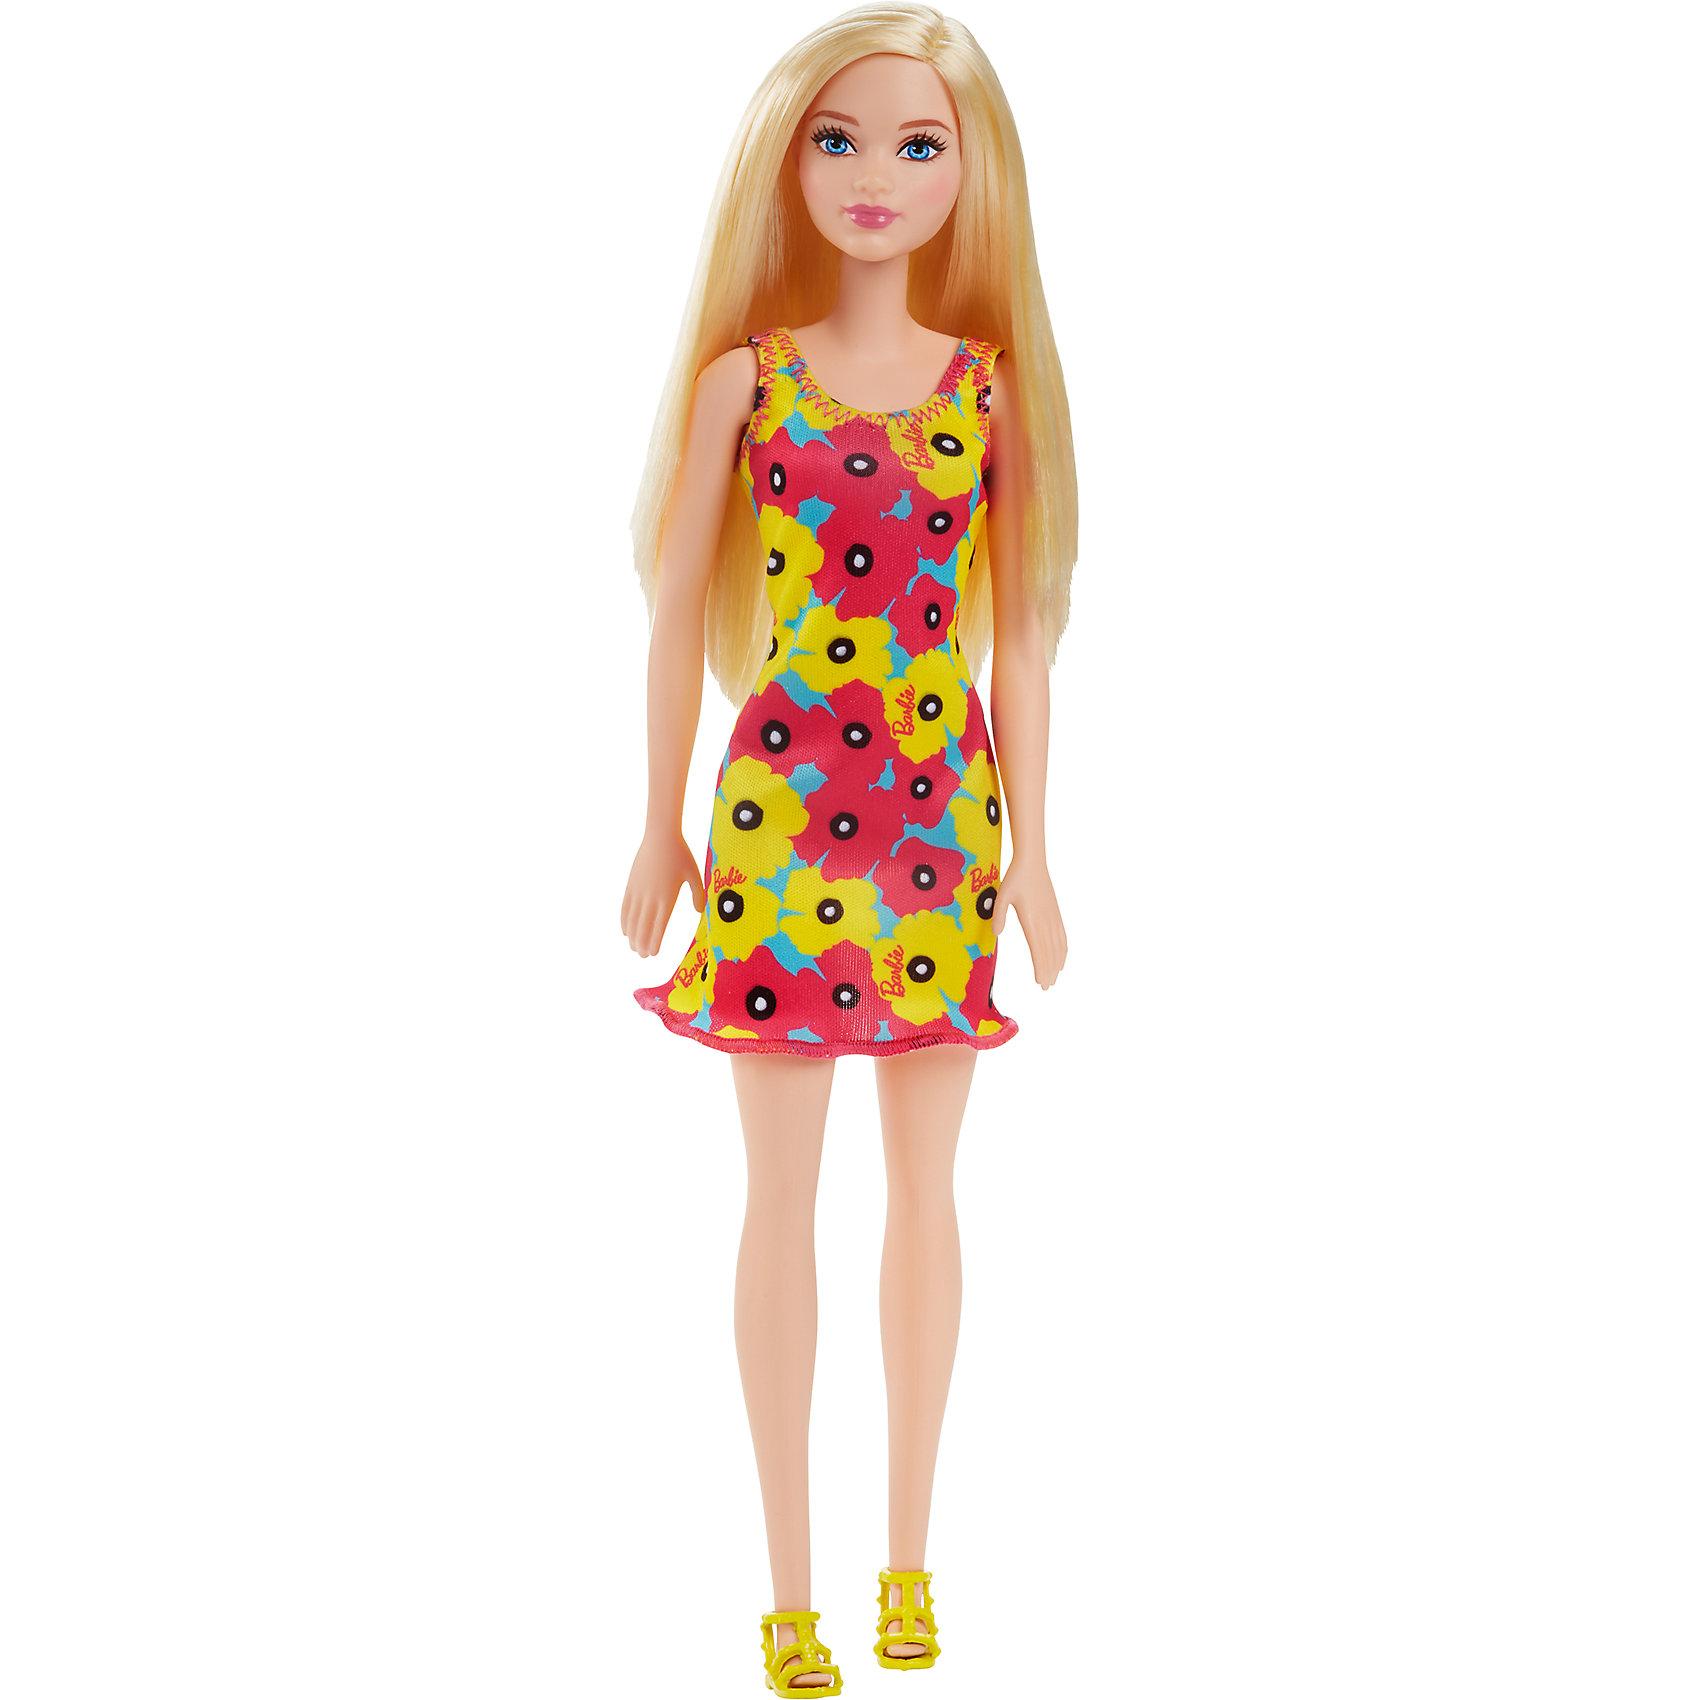 Кукла из серии Стиль, BarbieBarbie<br>Кукла из серии Стиль, Barbie (Барби) ? самая любимая и популярная кукла среди девочек разных возрастов представлена в новой серии Стиль. Кукла выполнена из экологично безопасного резины и пластика, волосы изготовлены из нейлона. У куклы голова, руки и ноги двигаются.<br>У Barbie серии Стиль длинные светлые волосы с прямым пробором. Она одета в стильное короткое приталенное платье, у которого на передней полочке имеется черно-белый полосатый принт волнами с розами, небольшими рукавами и горловиной в форме лодочки. Рукава и низ платья оформлены черным кантом. На ногах Барби съемные туфельки черного цвета.<br>Кукла из серии Стиль, Barbie (Барби) может быть отличным вариантом в качестве подарка для девочки к любому торжеству или в качестве коллекционной куклы.<br><br>Дополнительная информация:<br><br>- Вид игр: сюжетно-ролевые <br>- Предназначение: для дома<br>- Серия: Стиль<br>- Материал: пластик, резина, текстиль<br>- Размер (Д*Ш*В): 6*5*8 см<br>- Вес: 158 г <br>- Особенности ухода: куклу можно купать, аксессуары ? мыть в теплой мыльной воде, платье ? ручная стирка<br><br>Подробнее:<br><br>• Для детей в возрасте: от 3 лет и до 10 лет<br>• Страна производитель: Индонезия<br>• Торговый бренд: Barbie<br><br>Куклу из серии Стиль, Barbie (Барби) можно купить в нашем интернет-магазине.<br><br>Ширина мм: 60<br>Глубина мм: 50<br>Высота мм: 80<br>Вес г: 158<br>Возраст от месяцев: 36<br>Возраст до месяцев: 120<br>Пол: Женский<br>Возраст: Детский<br>SKU: 4918448